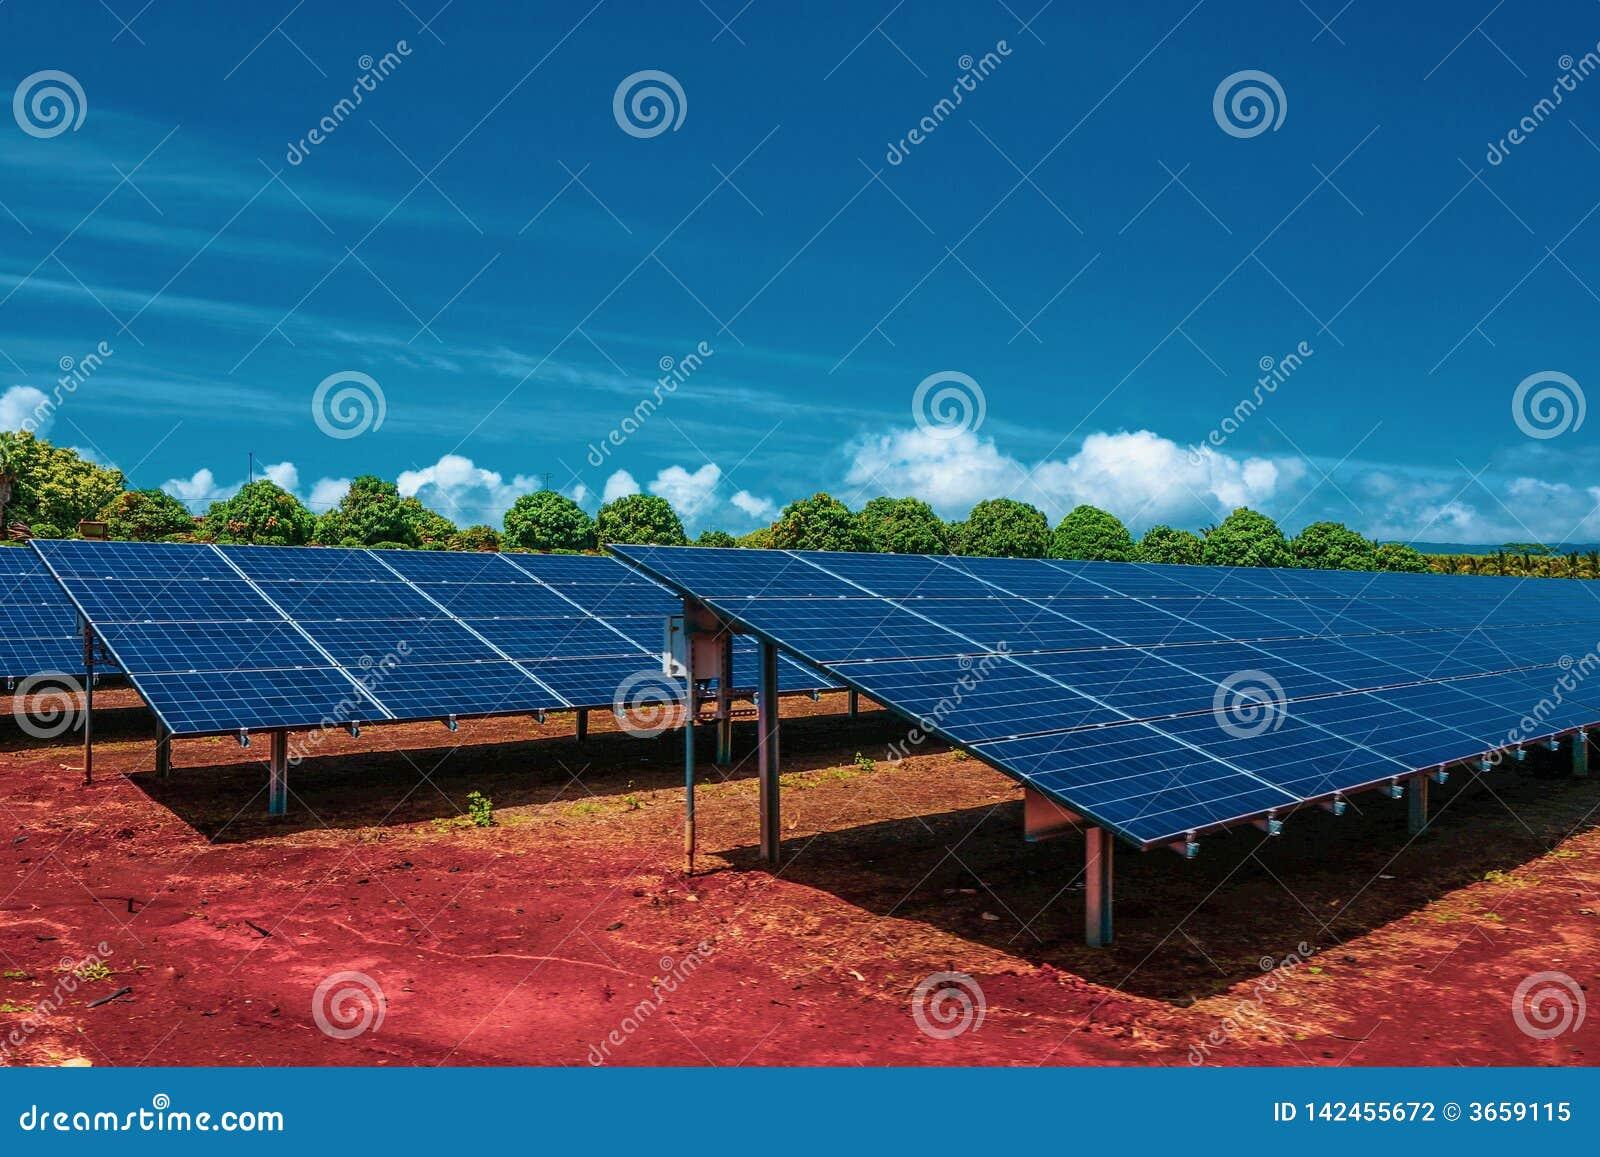 Zonnepanelen, photovoltaics die, alternatieve energiebron, zich op de rode grond met heldere blauwe hemel en groene bomen bevinde